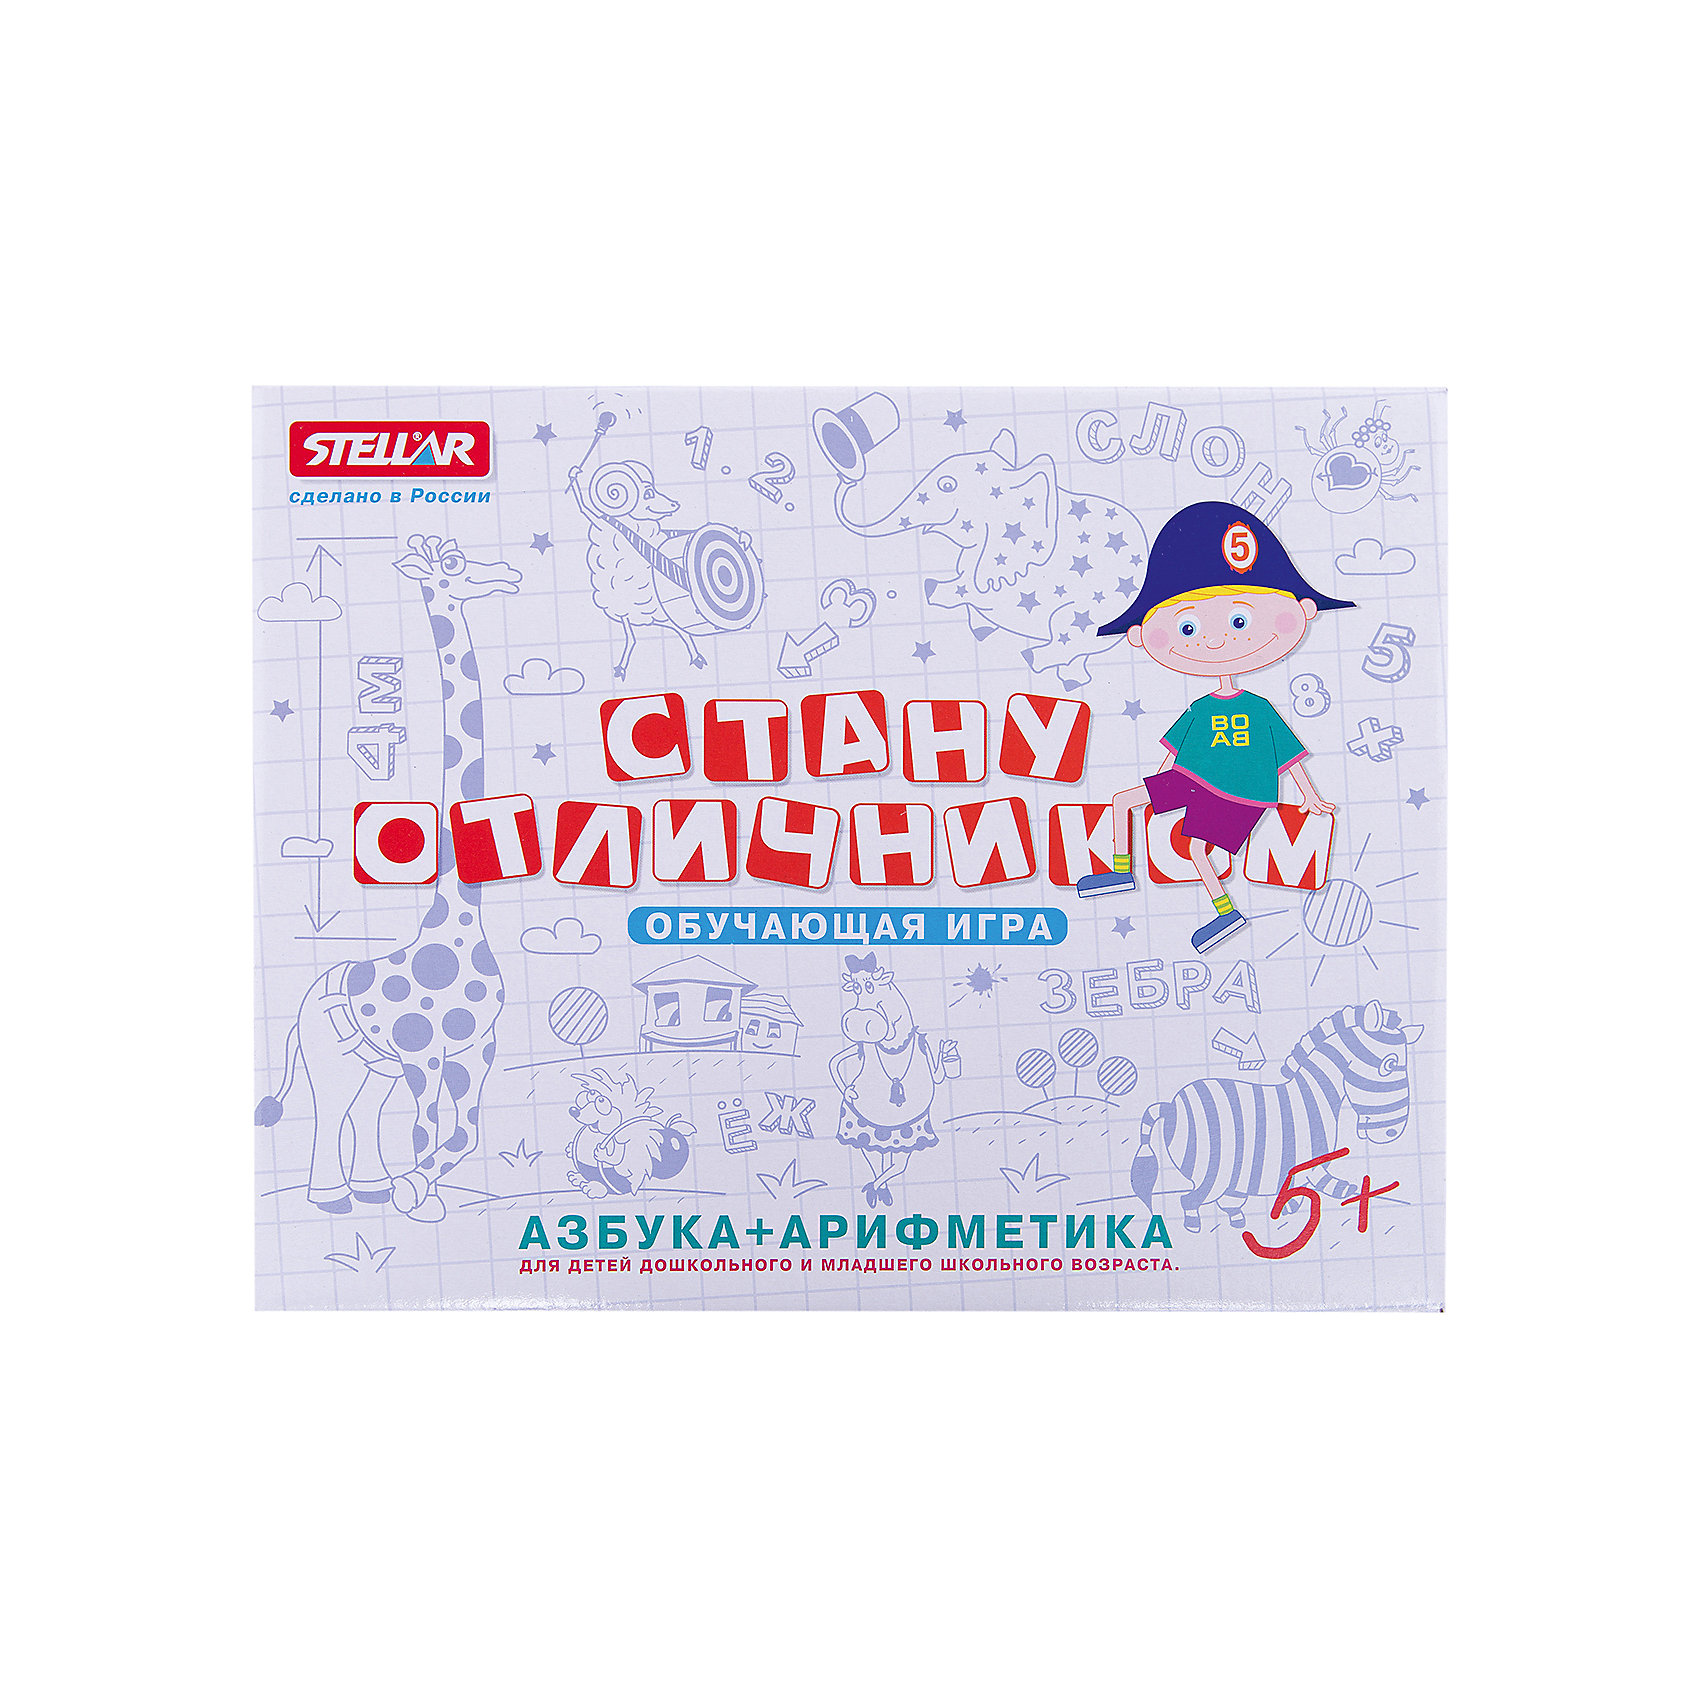 Настольная игра Стану отличником: Азбука+Арифметика, СтелларОбучающая игра для обучения алфавиту от Стеллар. <br><br>Эта интеллектуальная игра помогает получить необходимые знания в игровой манере. С помощью различных игр можно подготовить ребёнка к школе. <br><br>Дополнительная информация:<br><br>- В комплекте фишки с нанесенными буквами и цифрами и 33 карточки с буквой, рисунком и подписью к рисунку. <br>- Длина коробки 29 см.<br><br>Ширина мм: 290<br>Глубина мм: 230<br>Высота мм: 53<br>Вес г: 450<br>Возраст от месяцев: 36<br>Возраст до месяцев: 1188<br>Пол: Унисекс<br>Возраст: Детский<br>SKU: 2407089